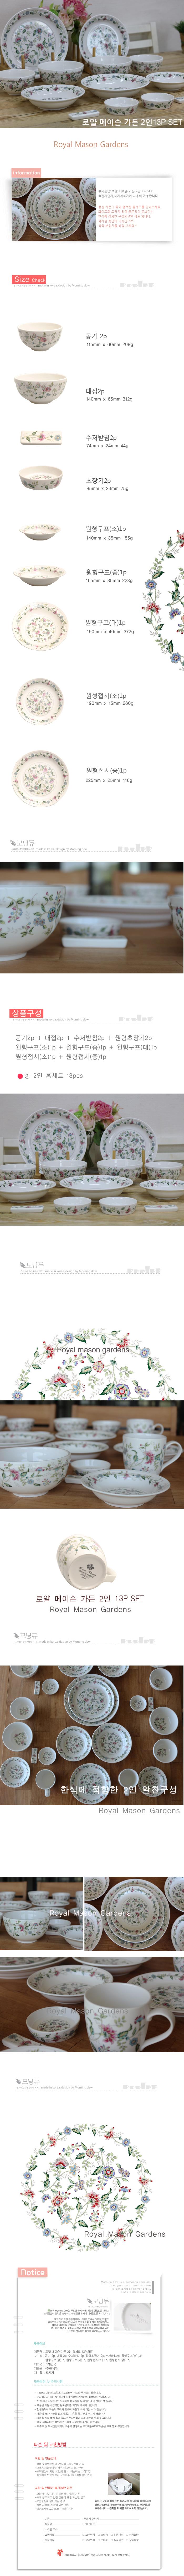 로얄 메이슨가든 2인 set 13P - 모닝듀, 52,150원, 식기홈세트, 2인세트